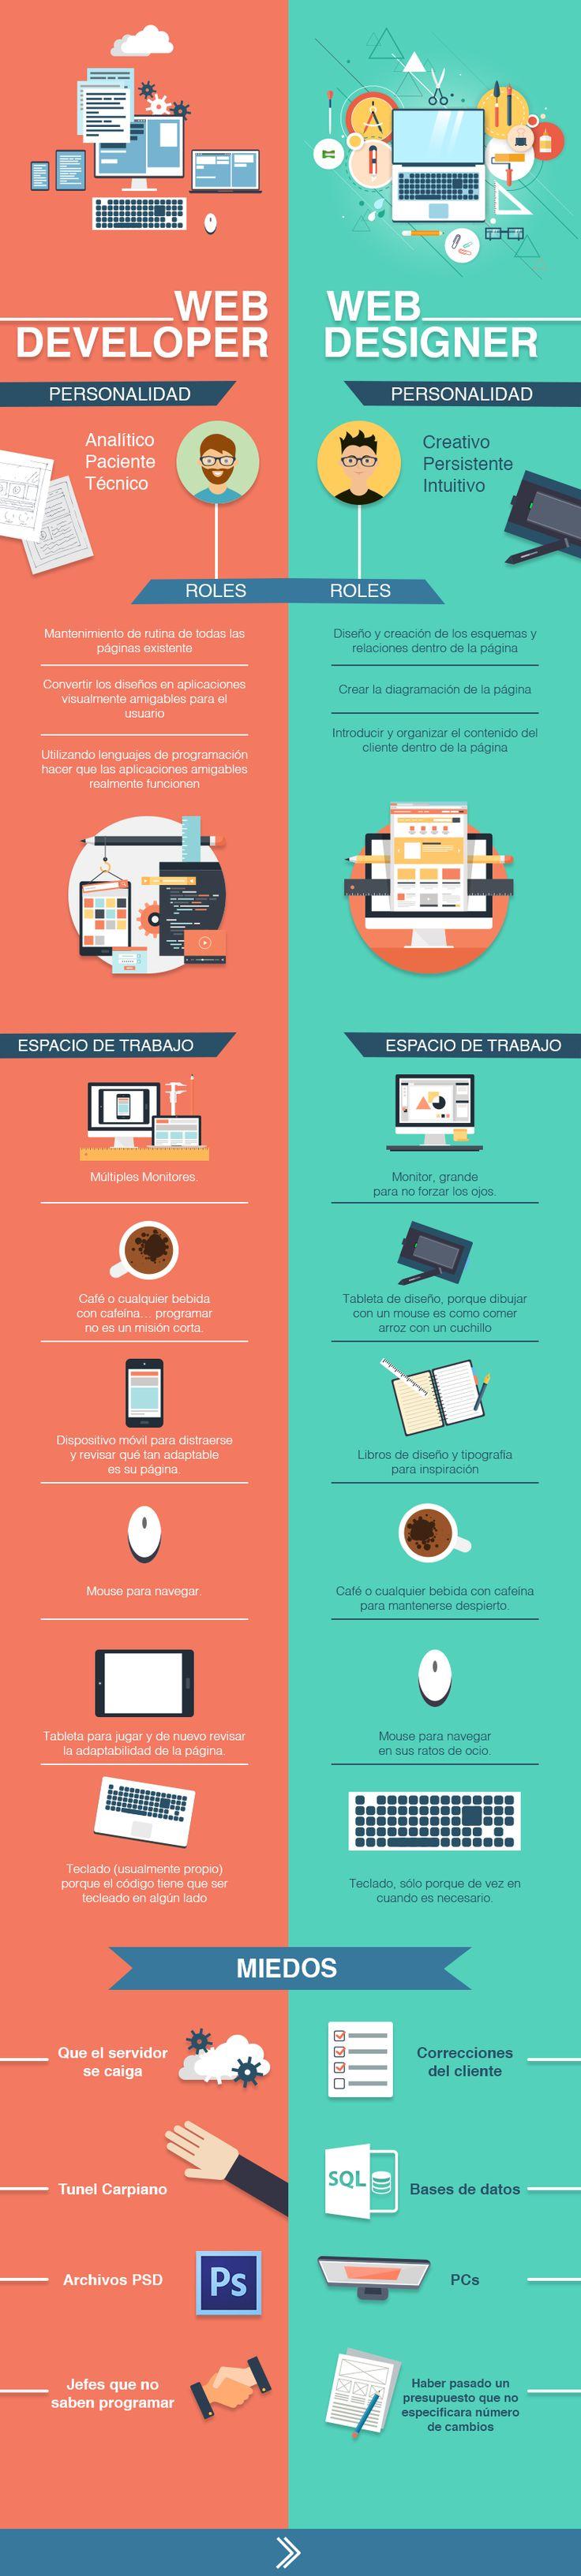 Hola: Una infografía sobre las Diferencias entre un desarrollador y un diseñador web. Vía Un saludo